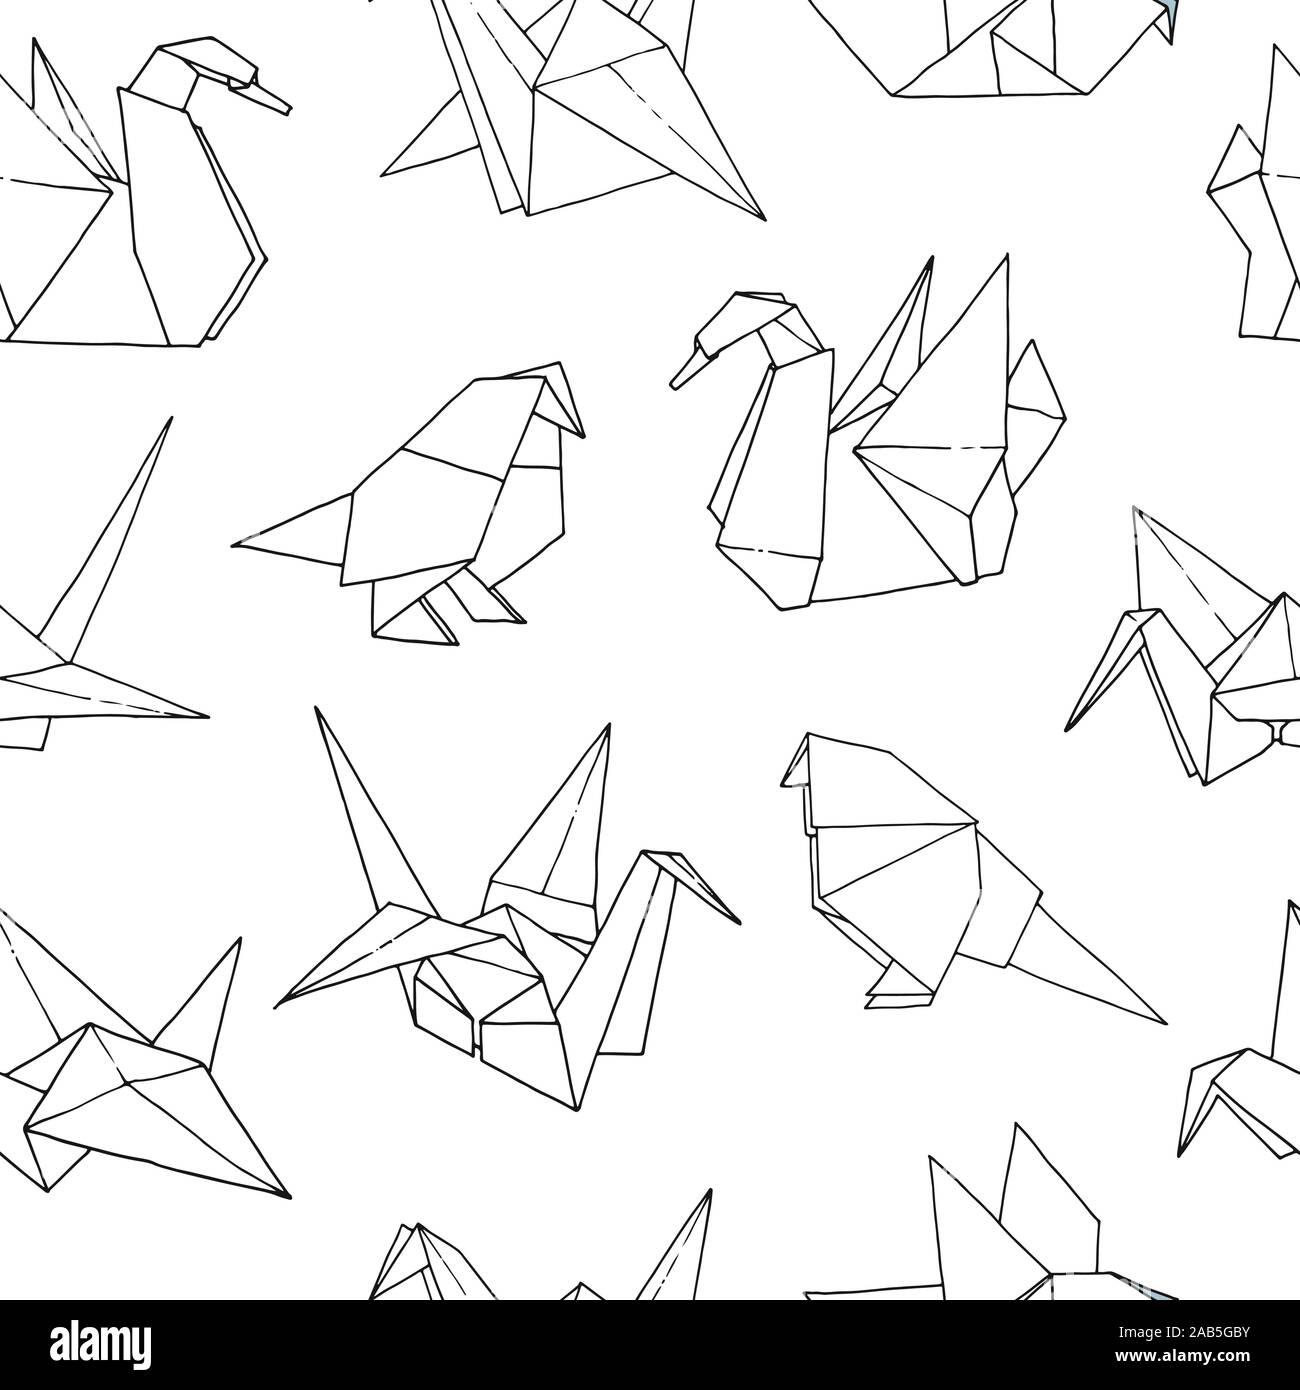 best drawn paper crane - Google Search | Paper crane tattoo, Crane ... | 1390x1300